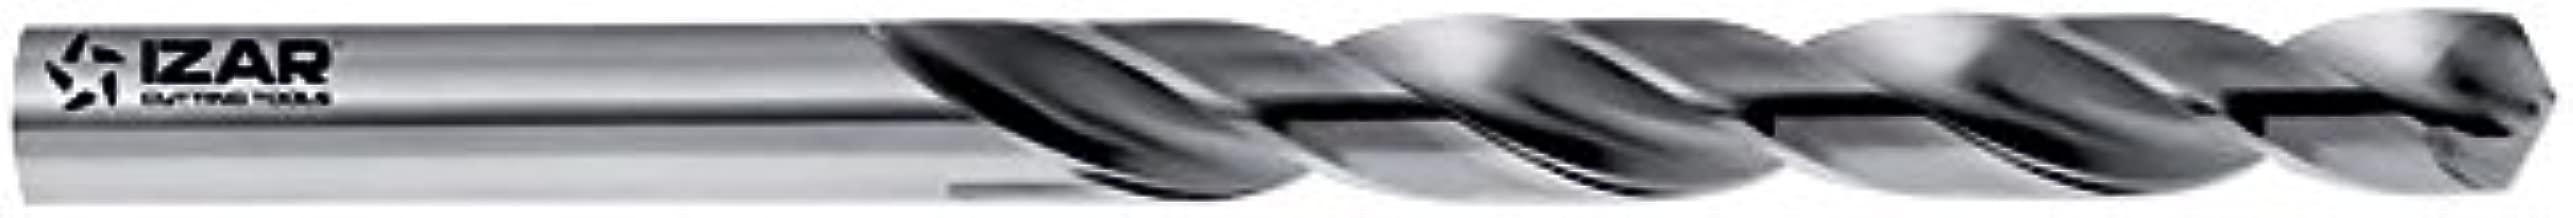 Izar 1013 Broca helicoidal cil/índrico 1013 hss din 338n di/ámetro 10.00